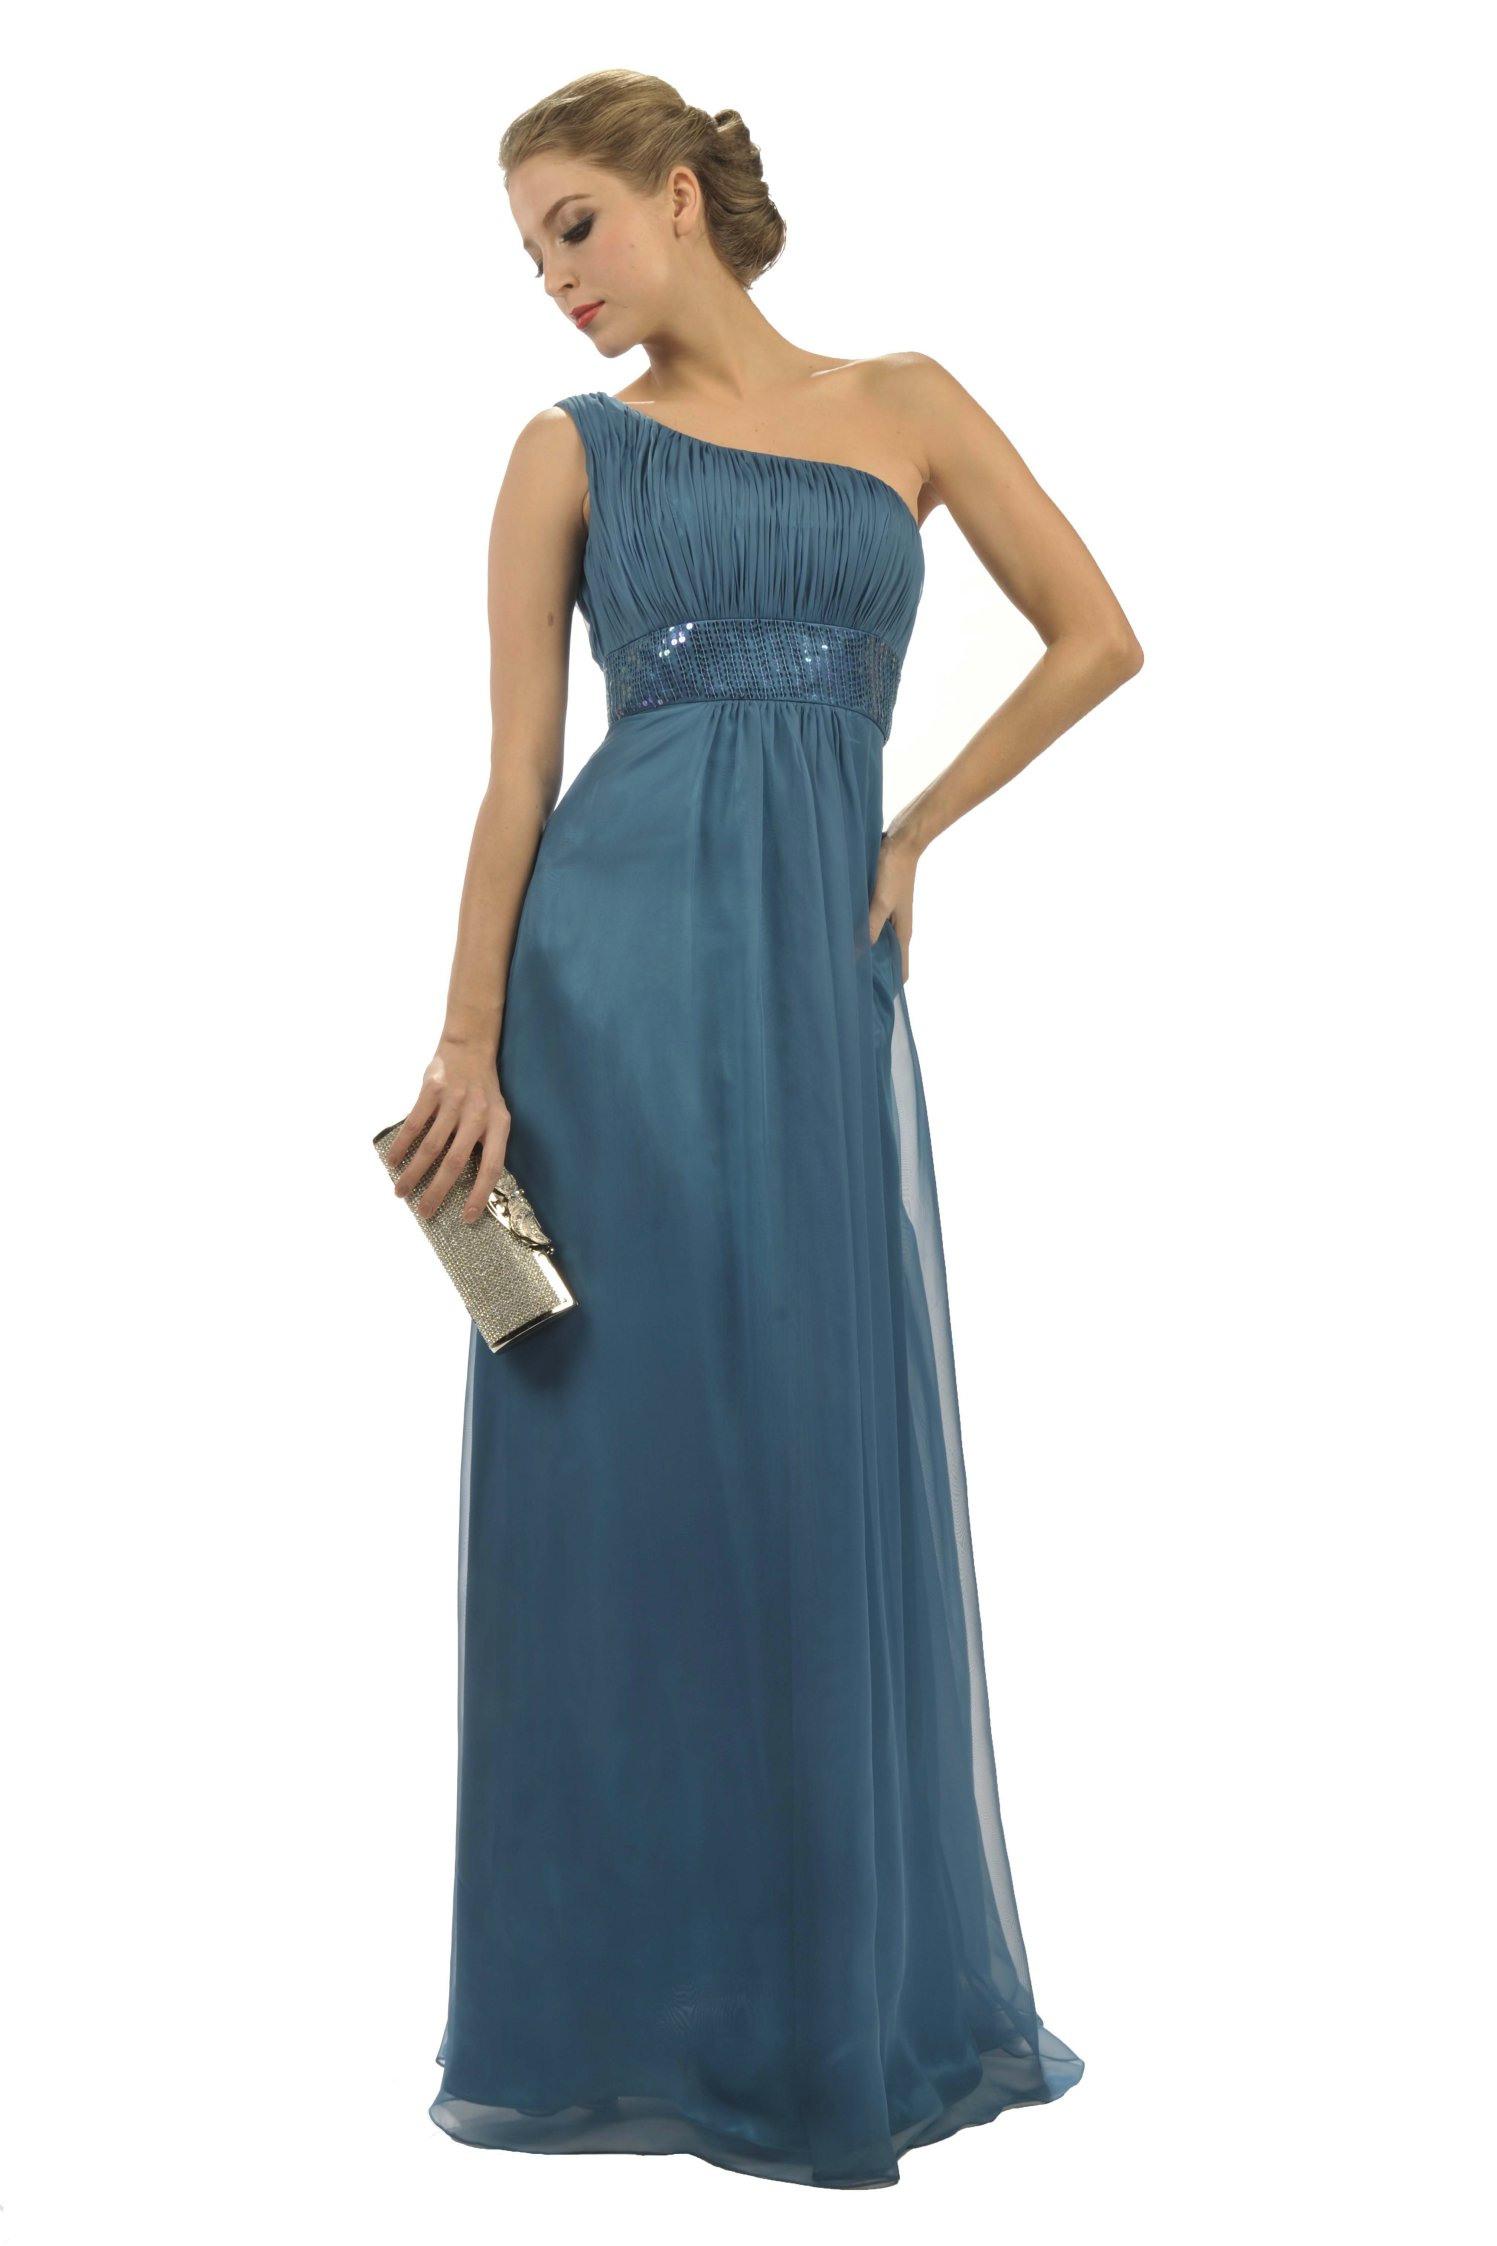 Luxurius Abendkleid Unter 100 Euro VertriebAbend Cool Abendkleid Unter 100 Euro Galerie